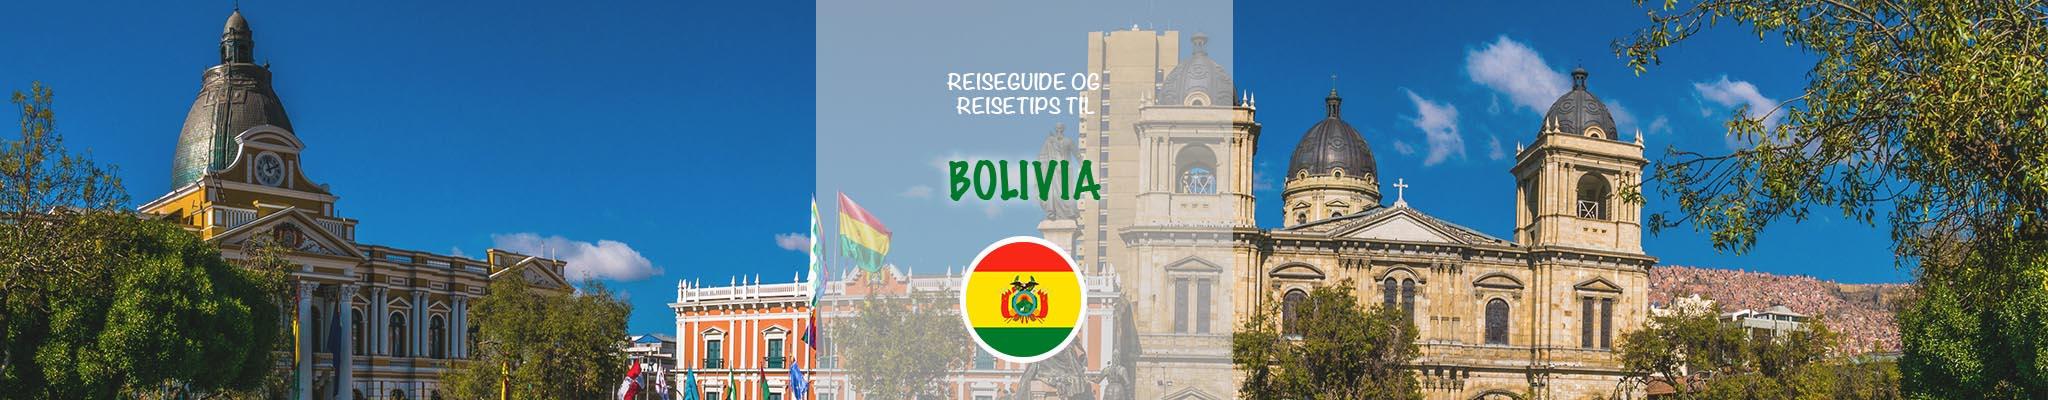 Reiseguide og reisetips til Bolivia